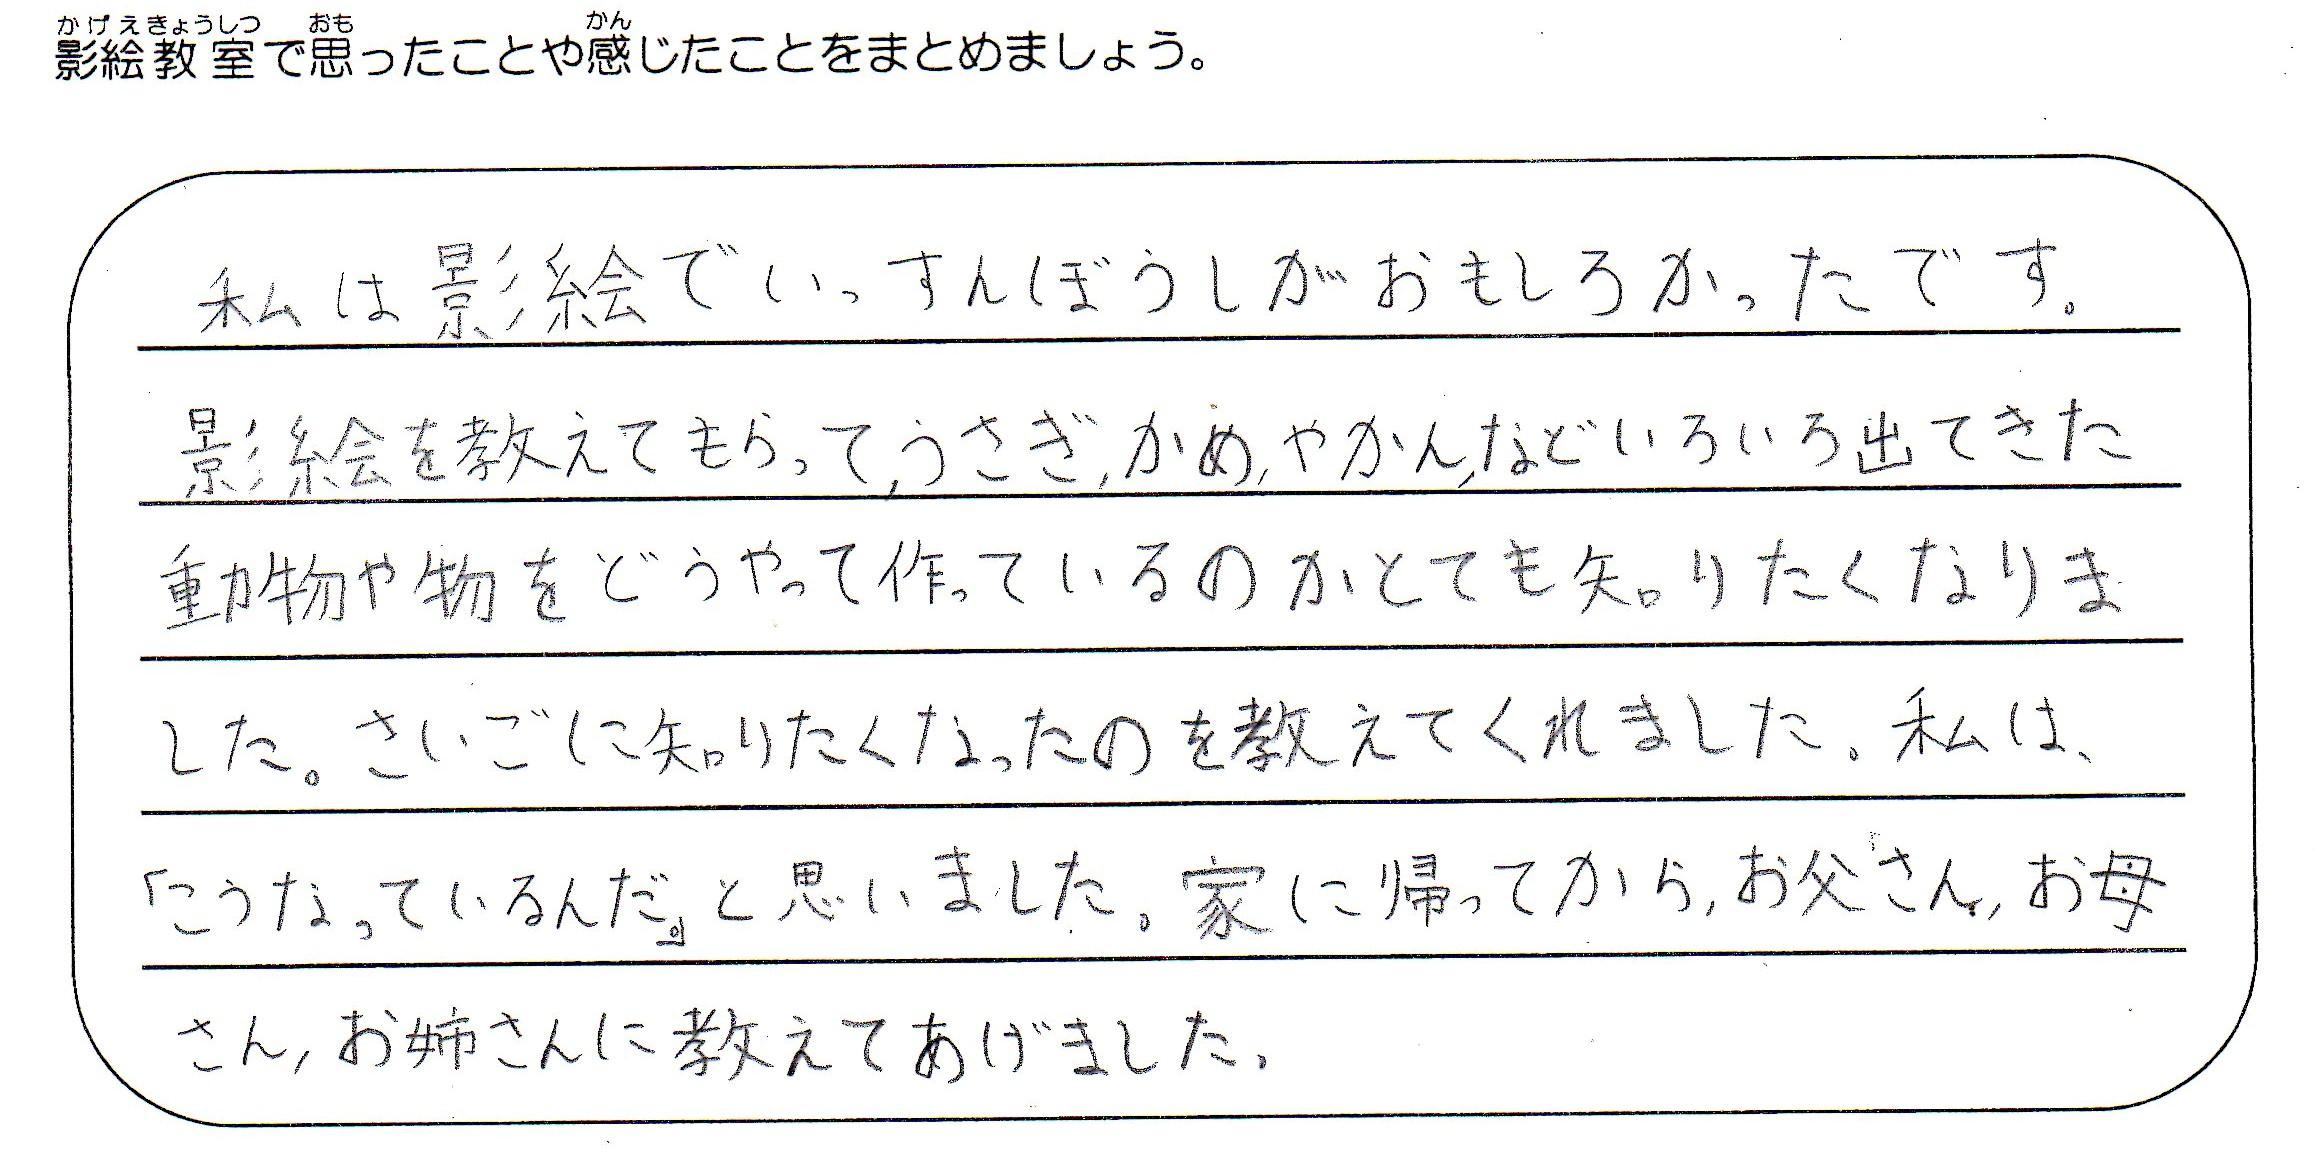 2019年9月10日(火)千葉県野田市立福田第二小学校で公演をしました。4年生の声です。